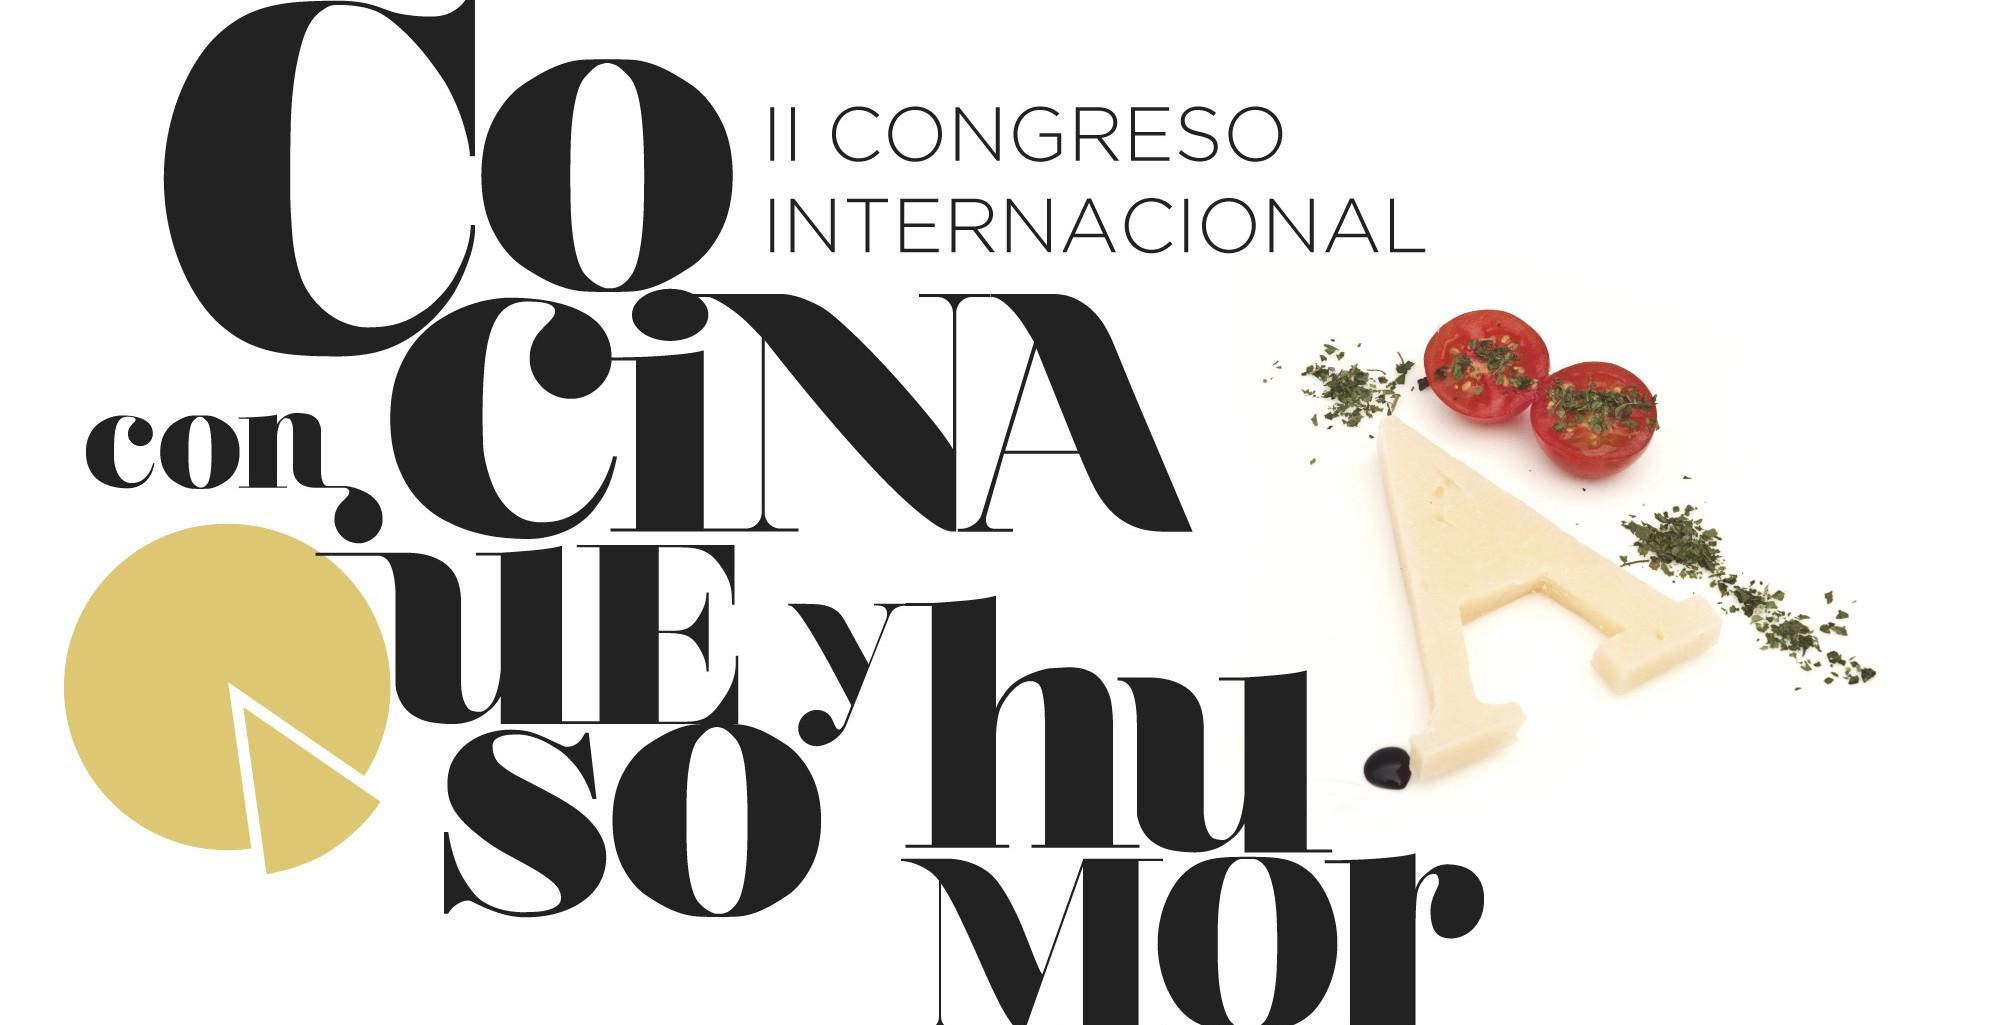 Ii congreso internacional cocina con queso y humor - Carteles de cocina ...